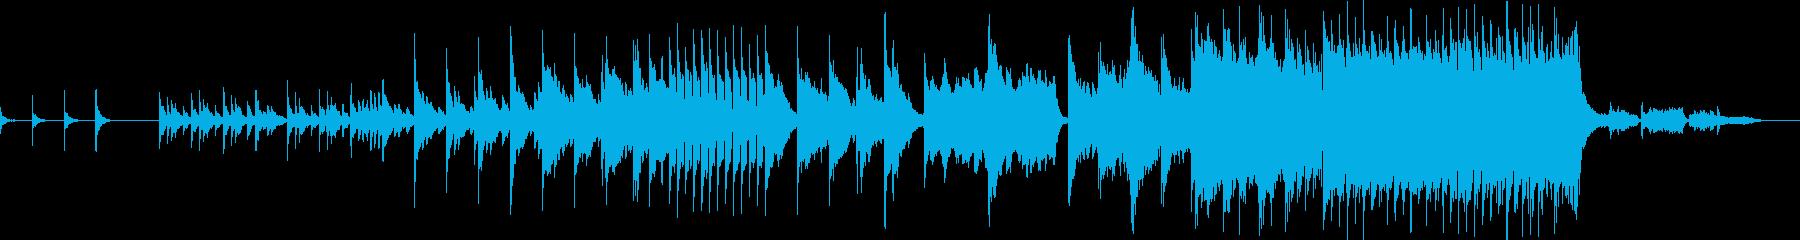 小さく始まり最後は壮大なスケールの音楽の再生済みの波形